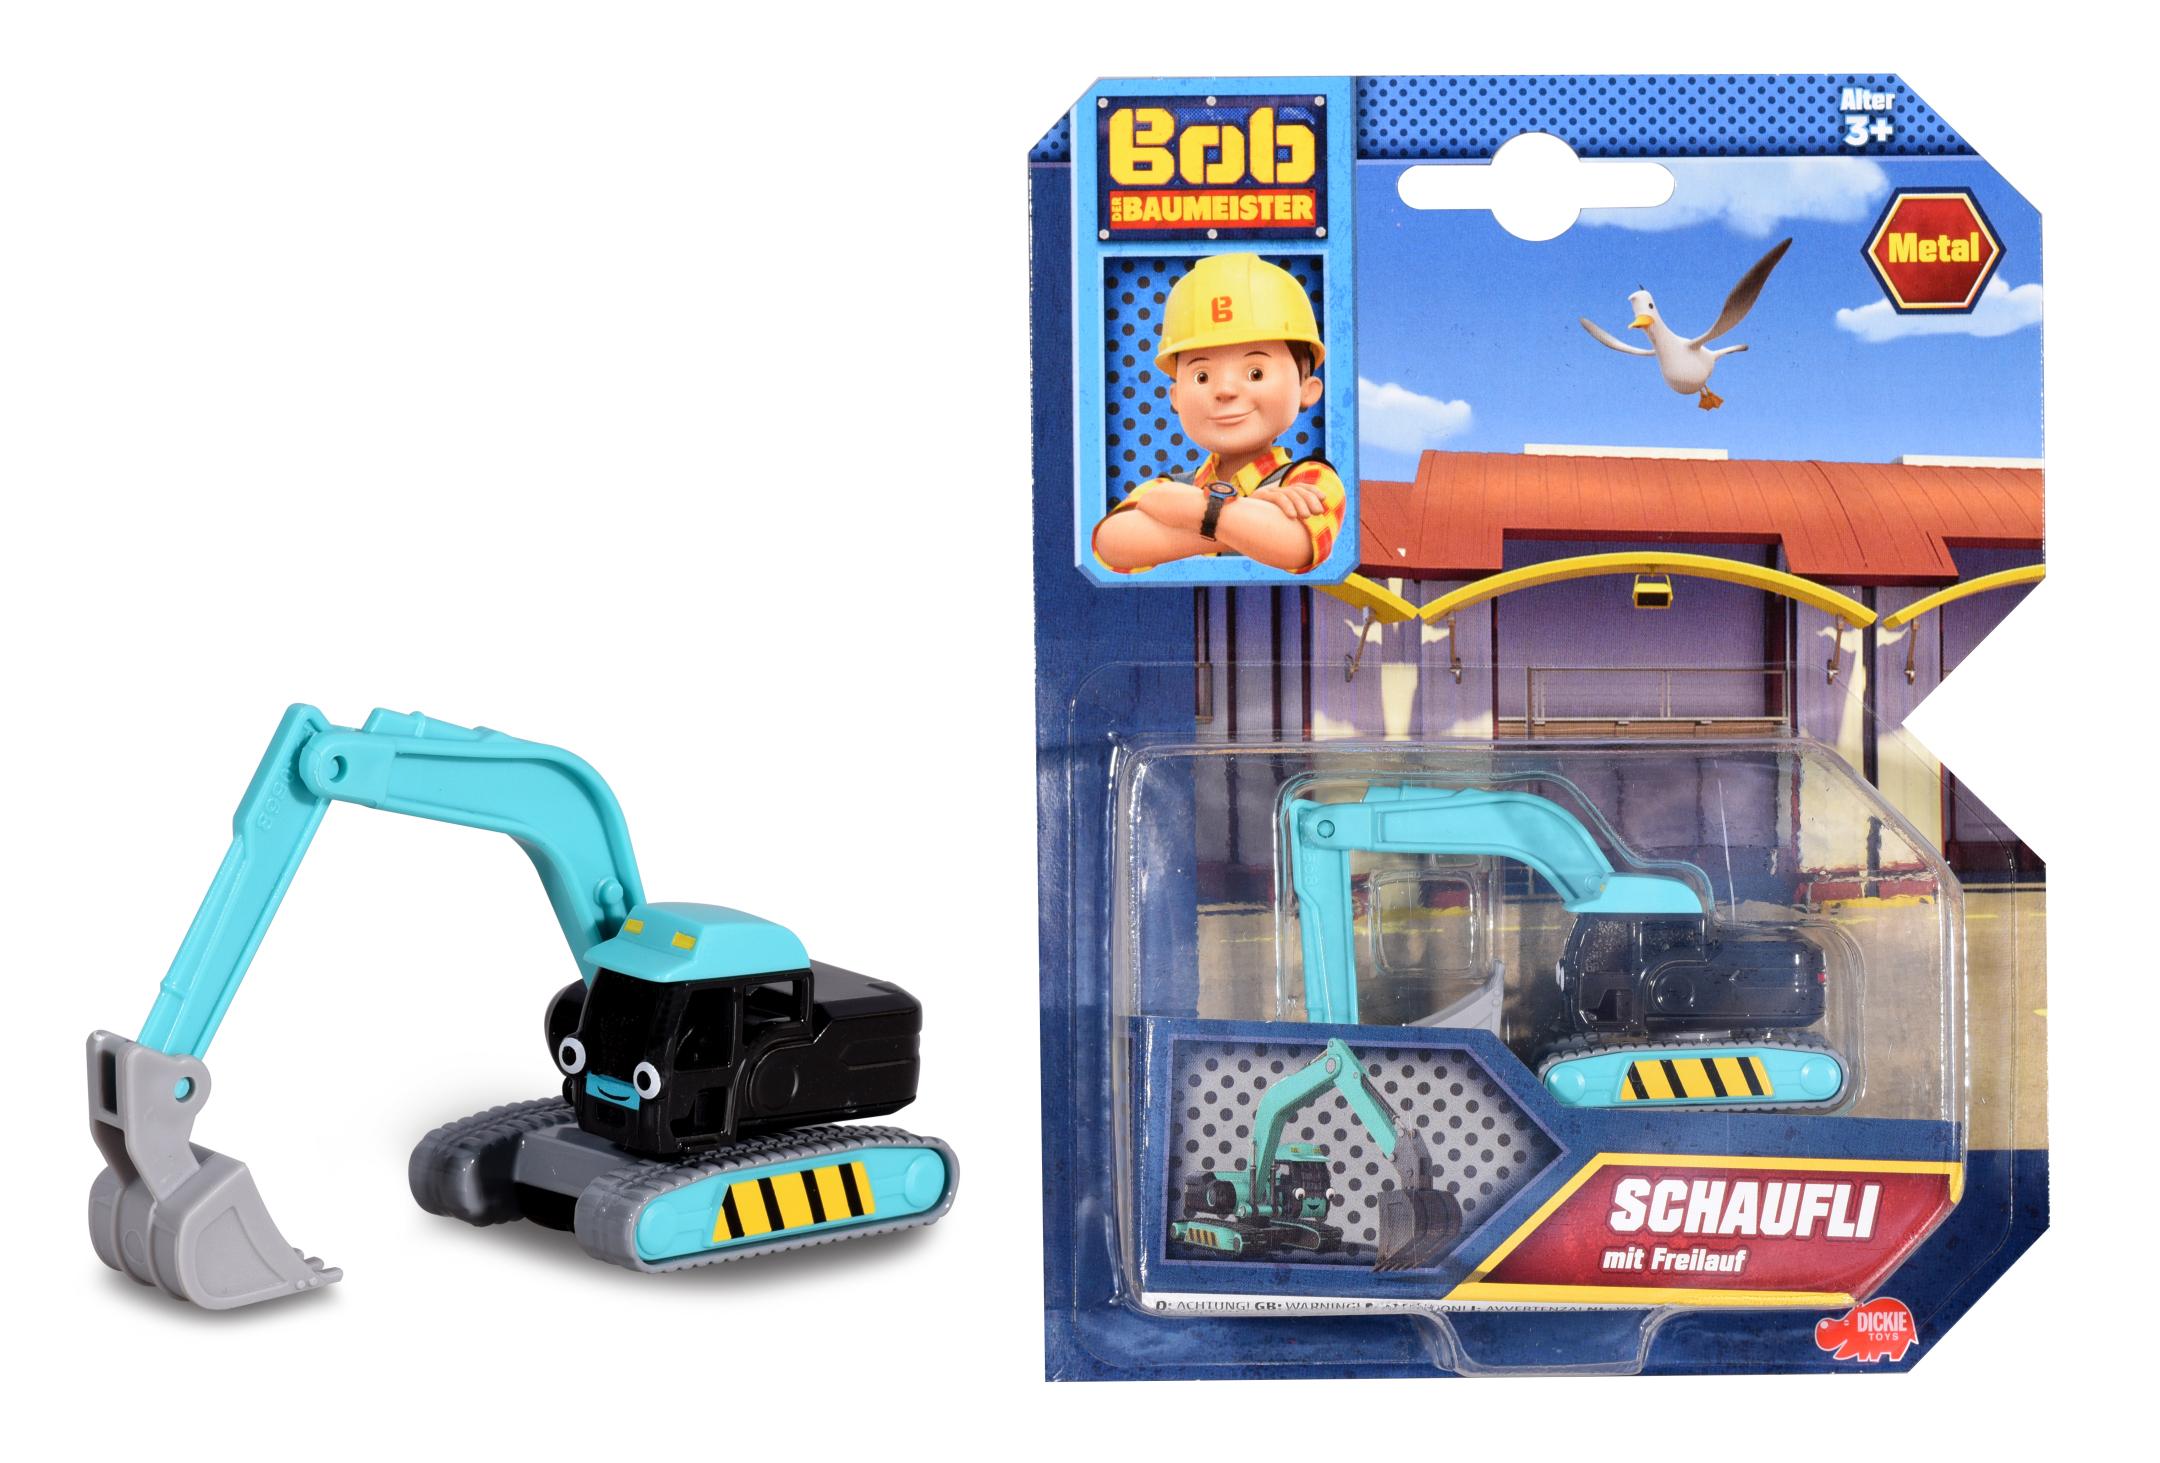 Bob der Baumeister Schaufli